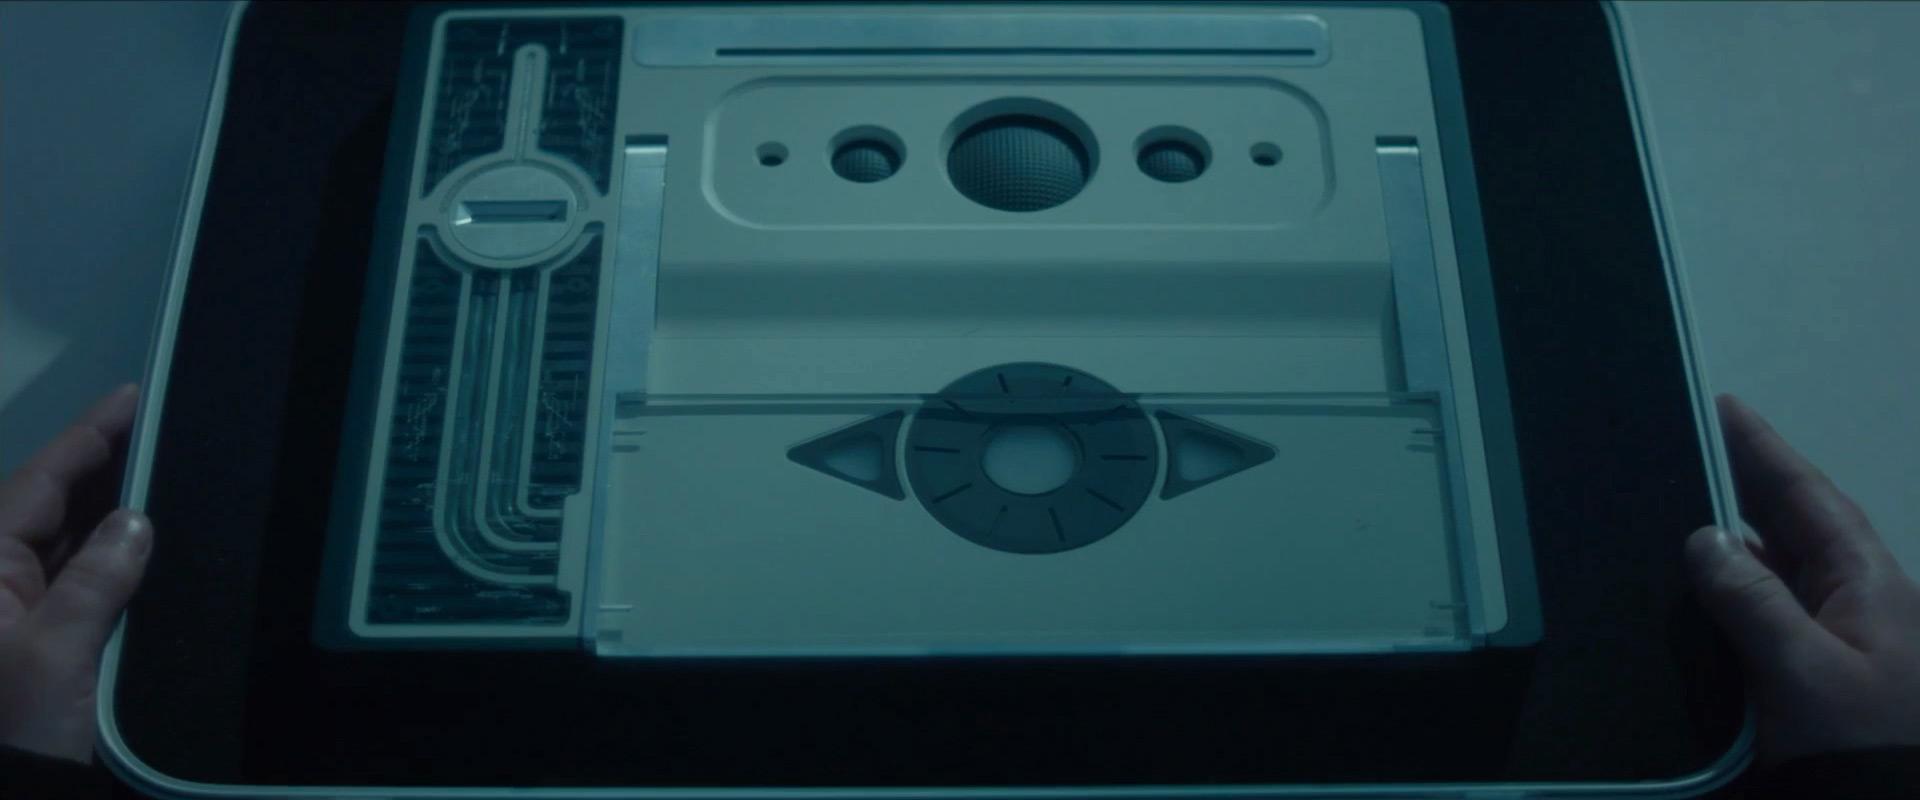 """Устройство для записи воспоминаний из фильма """"Вспомнить заново"""" (2017)"""